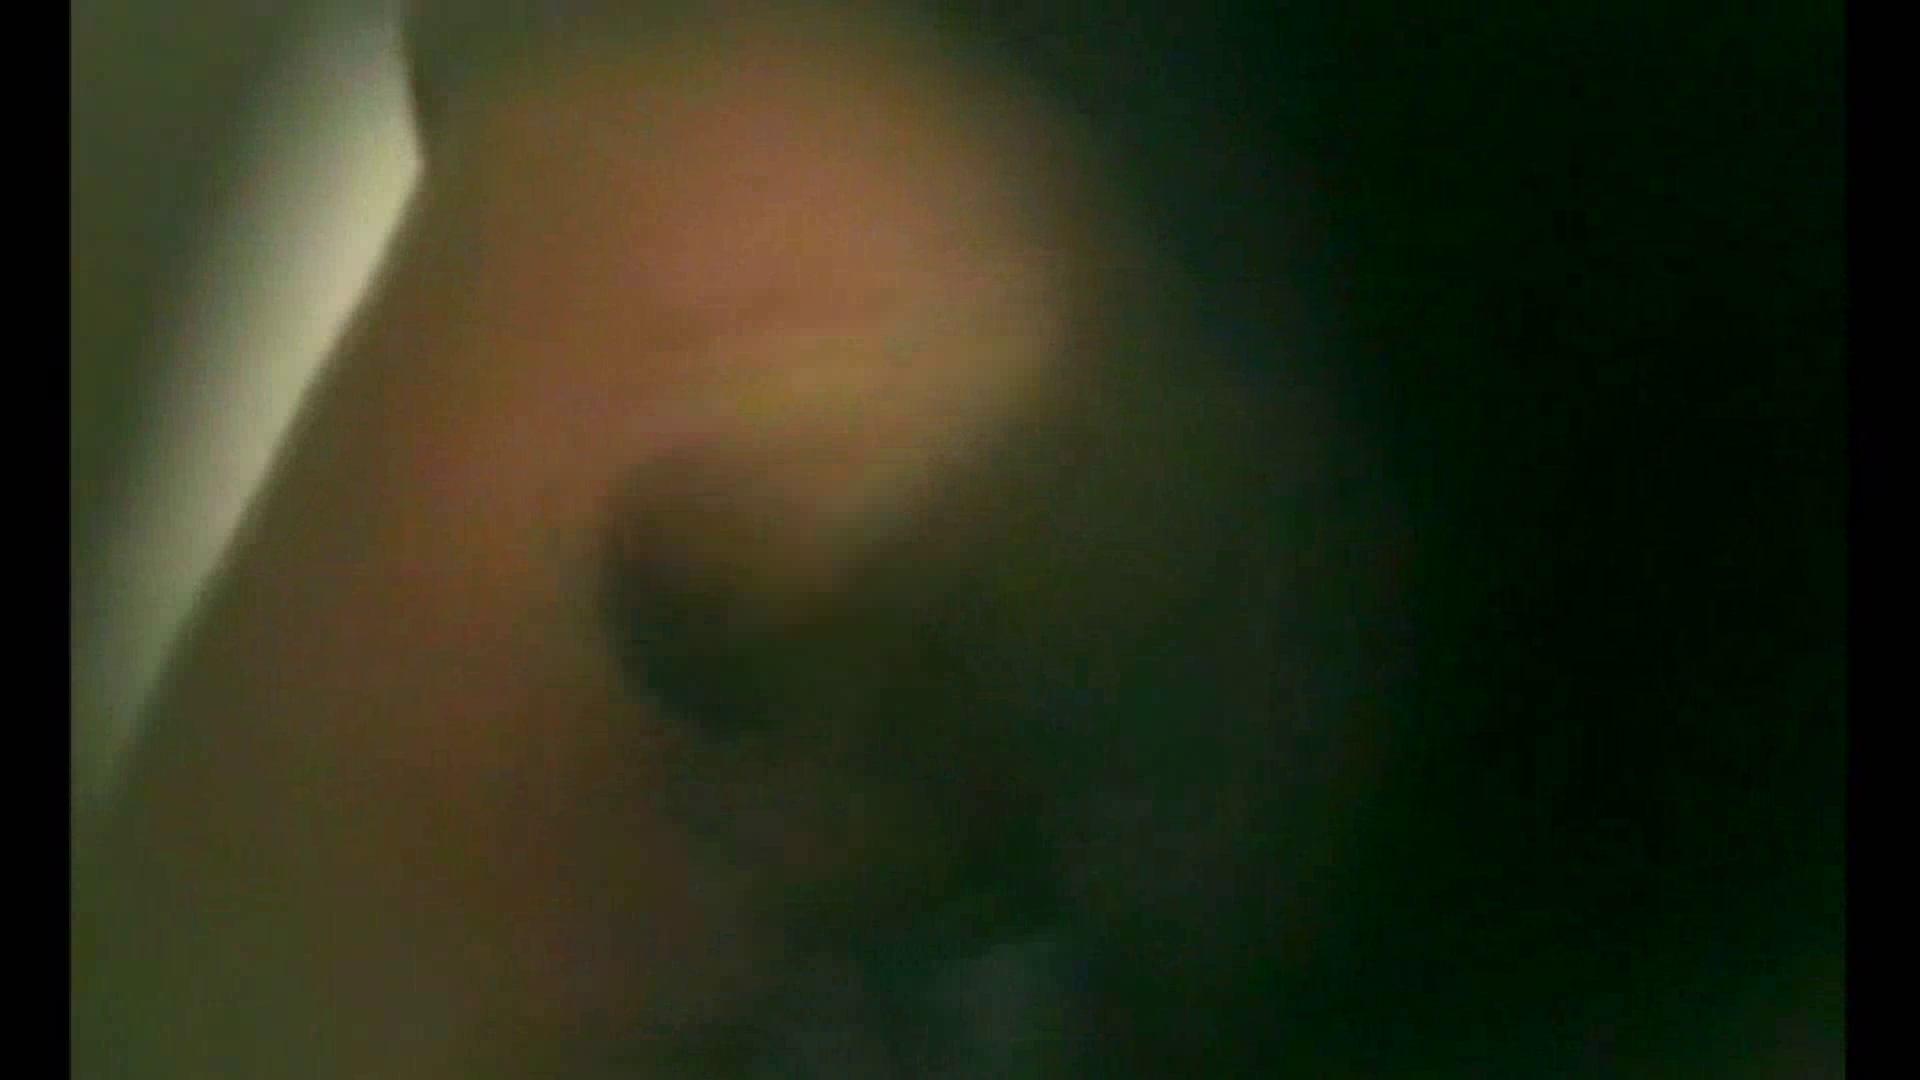 イケメンの素顔in洗面所 Vol.16 男天国 | イケメンのsex  109pic 86